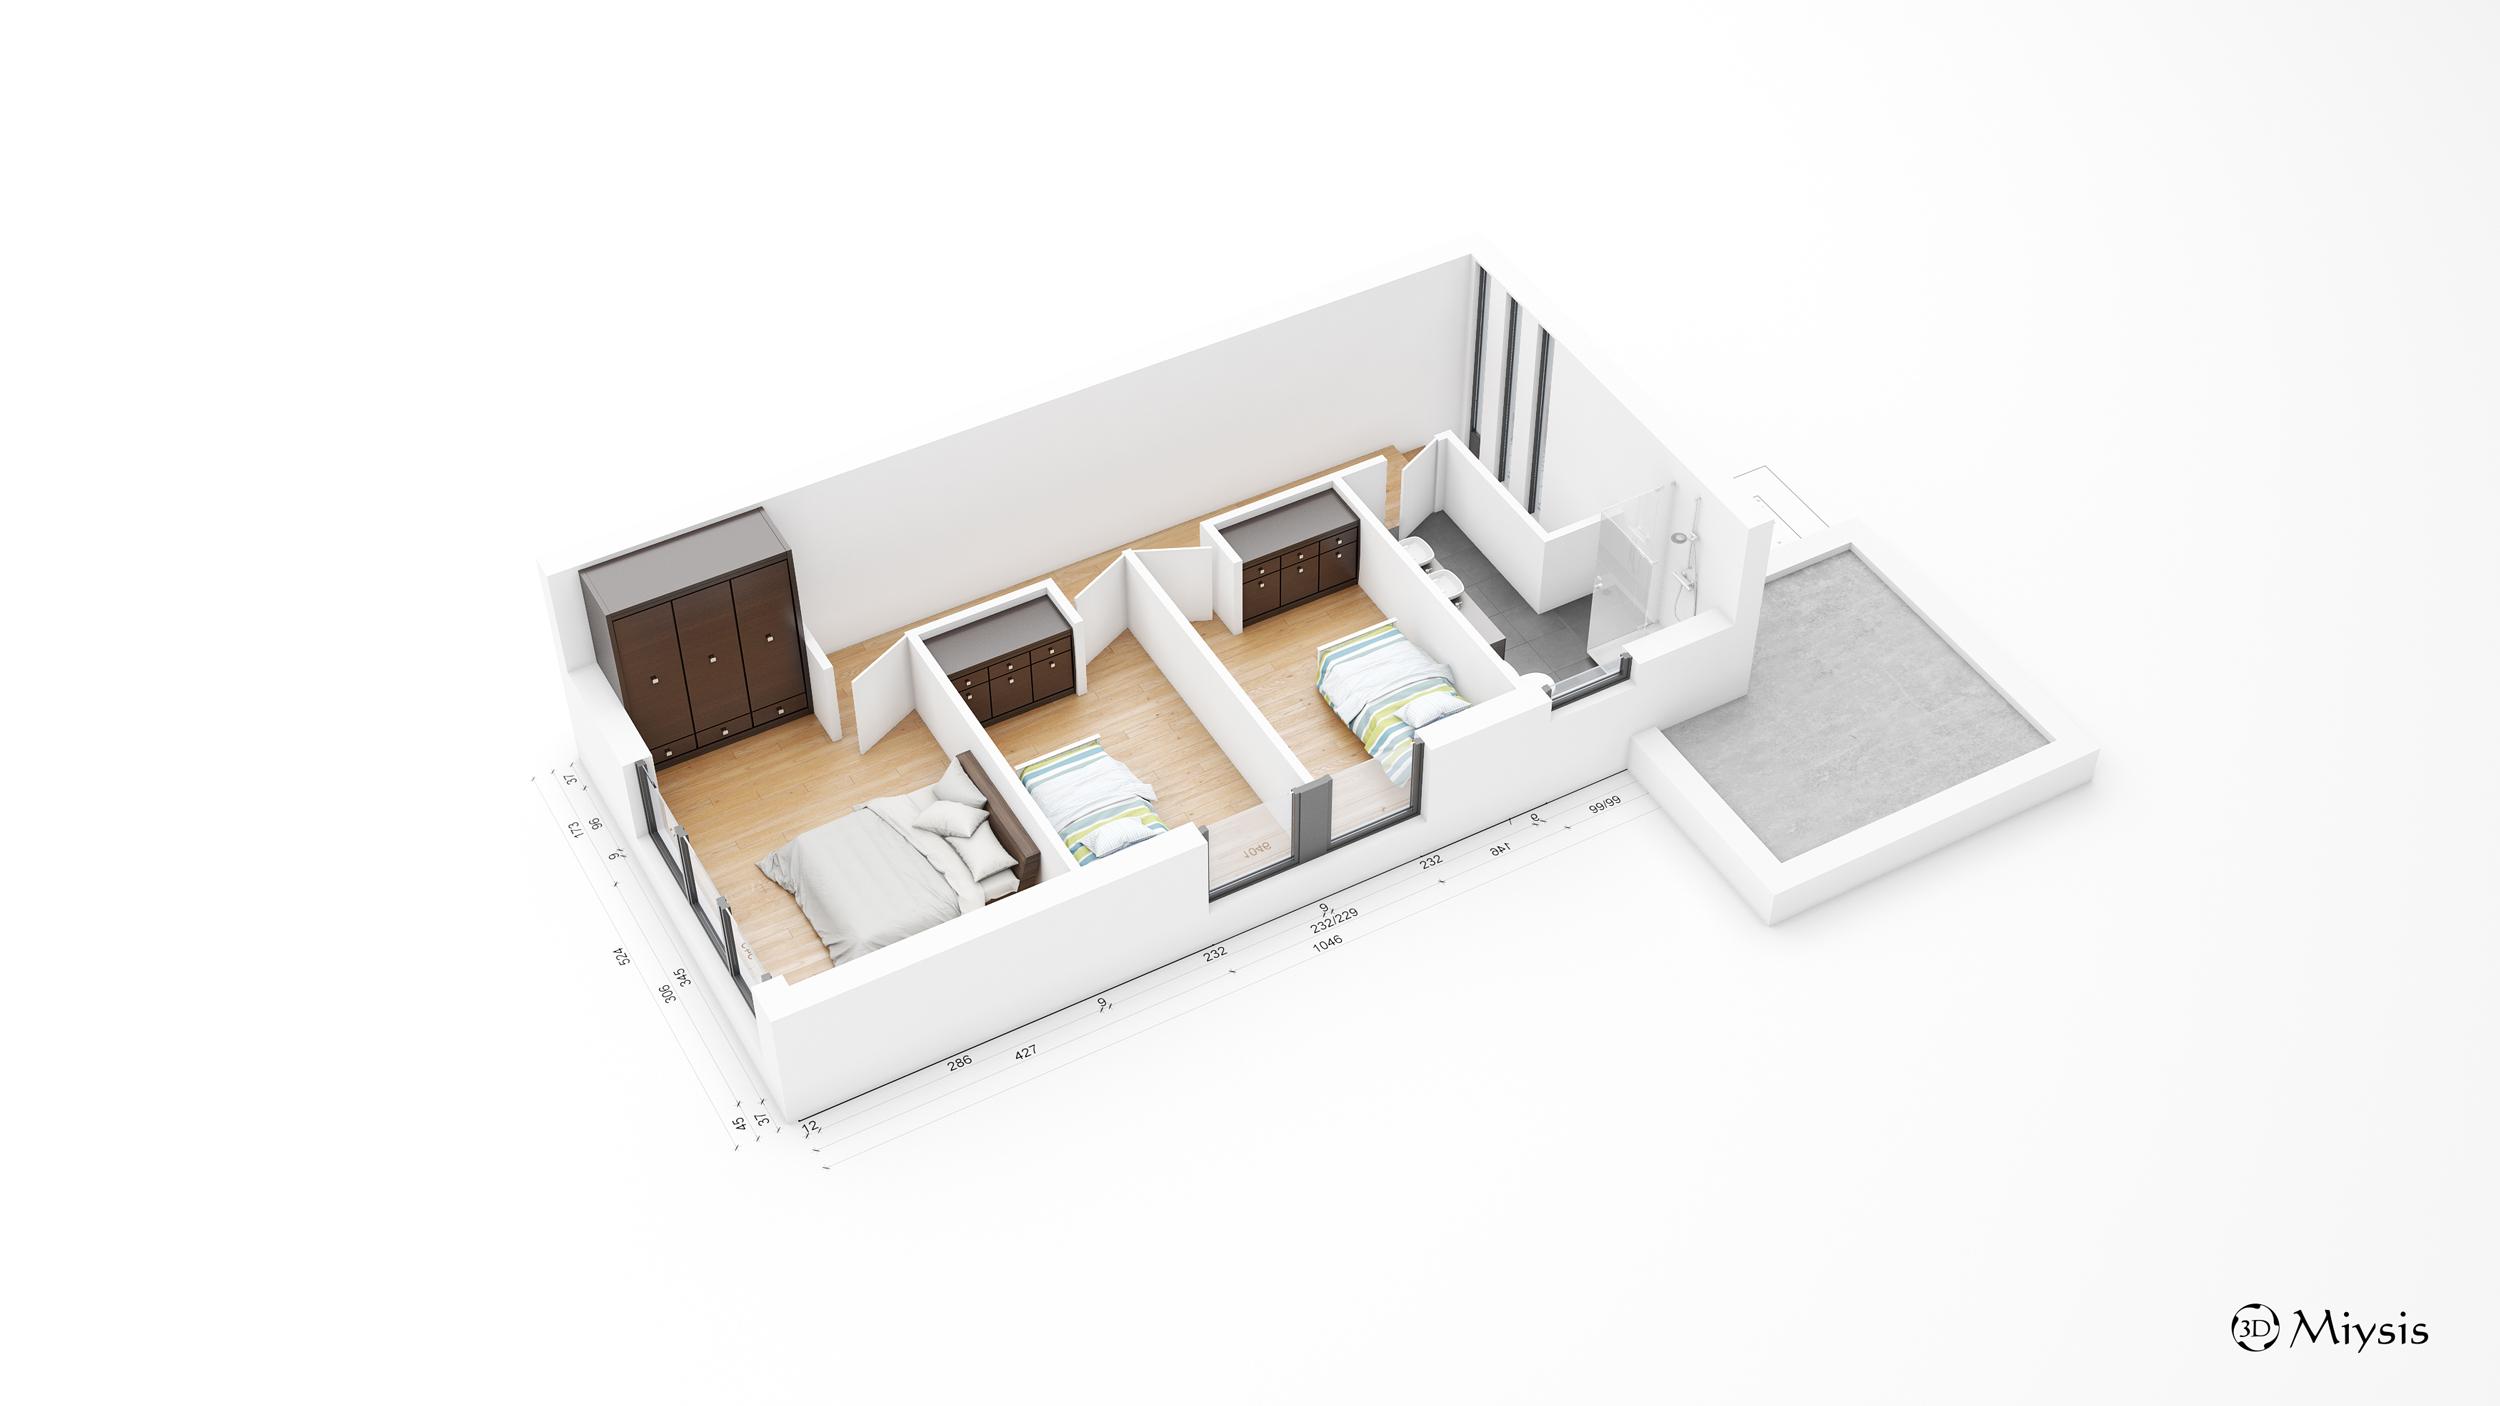 Immobilier concept rue du geer oreye 1er étage des maisons 1 2